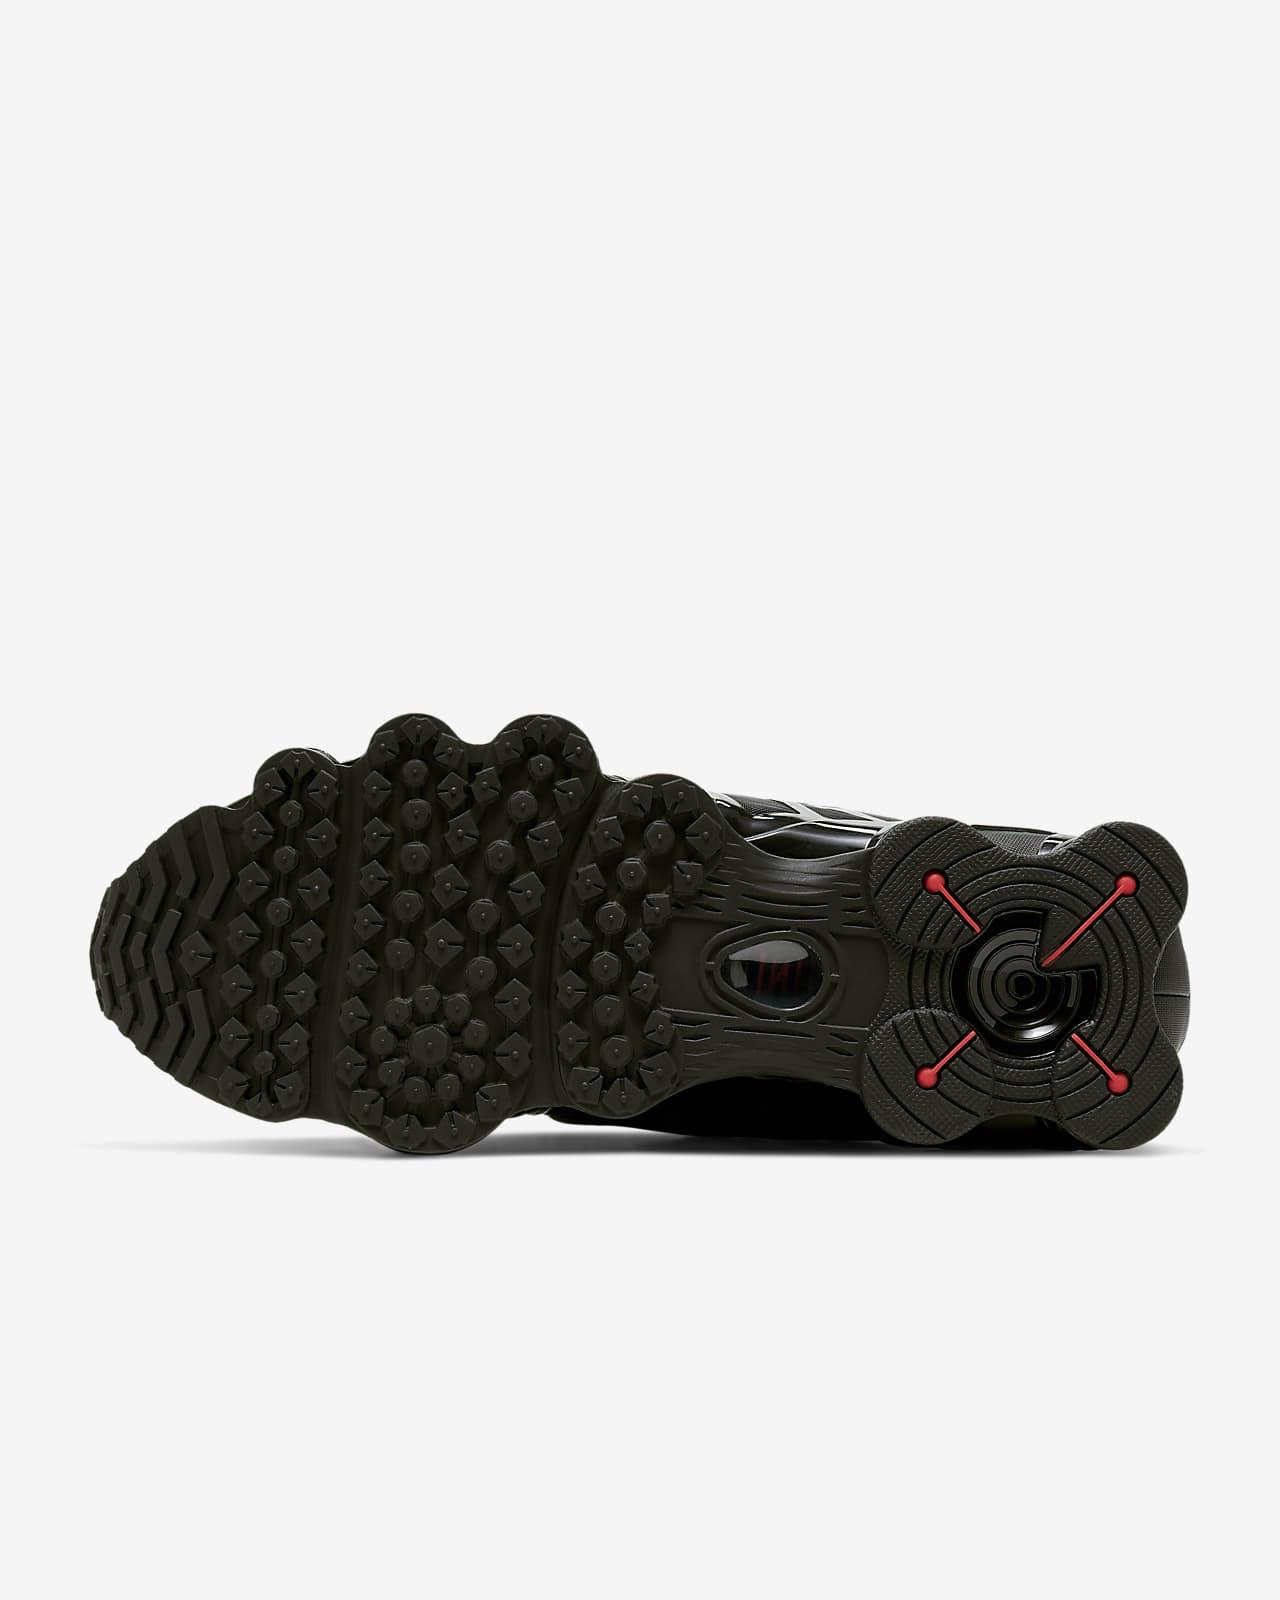 nada Berri paraguas  Calzado para hombre Nike Shox TL. Nike.com